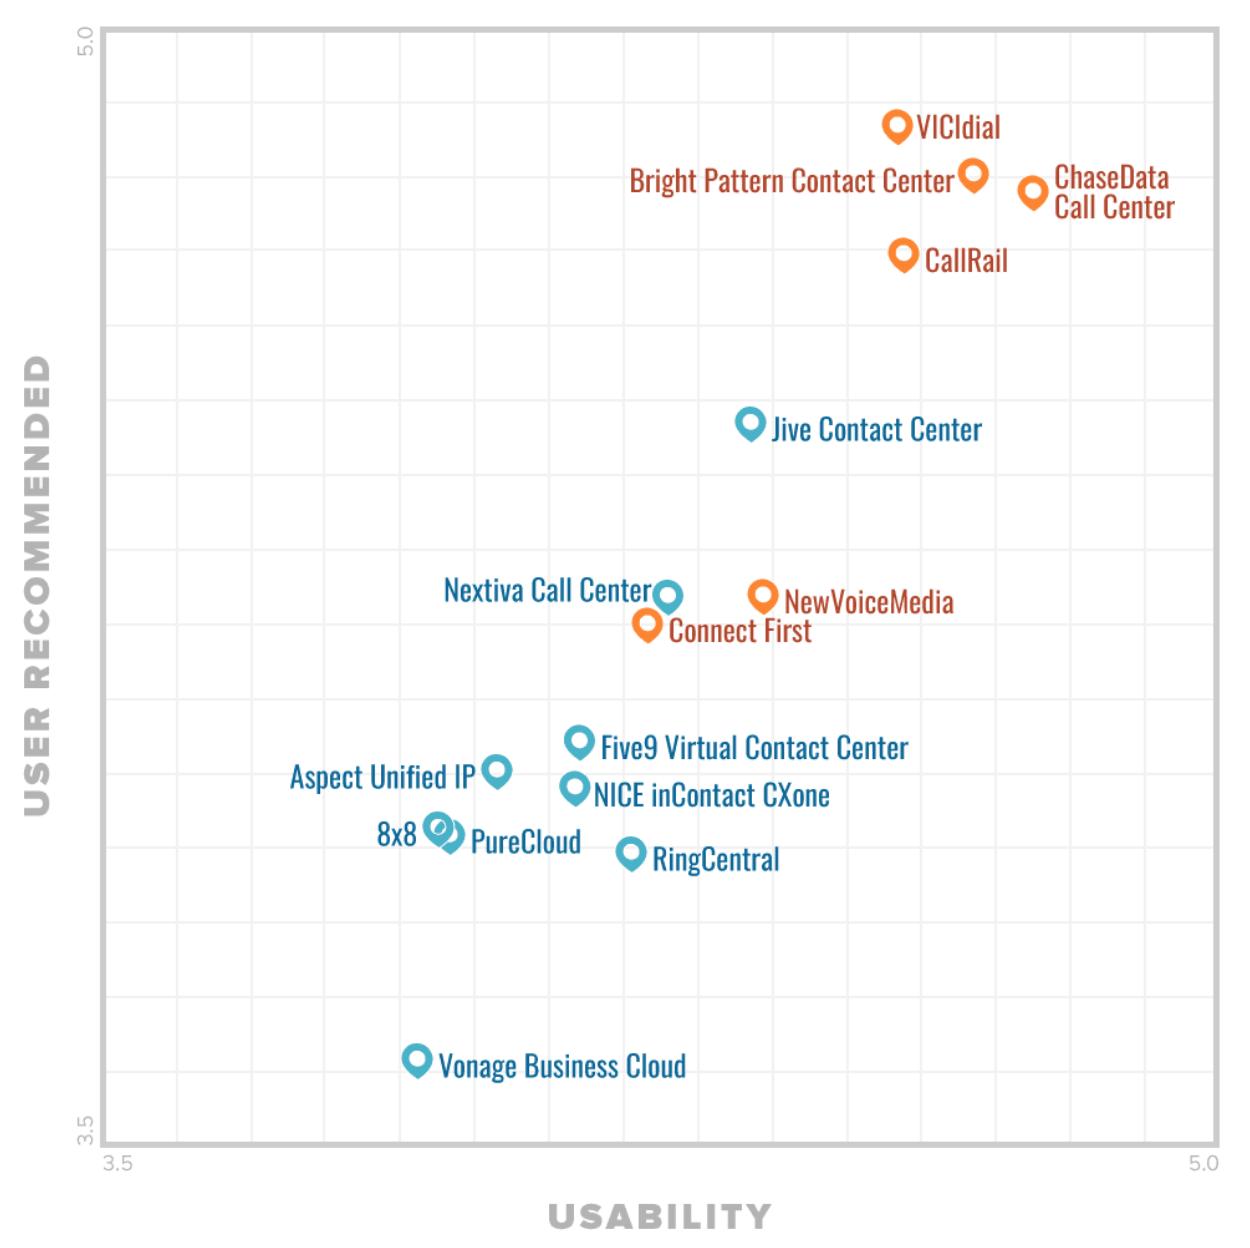 Gartner's FrontRunners Quadrant